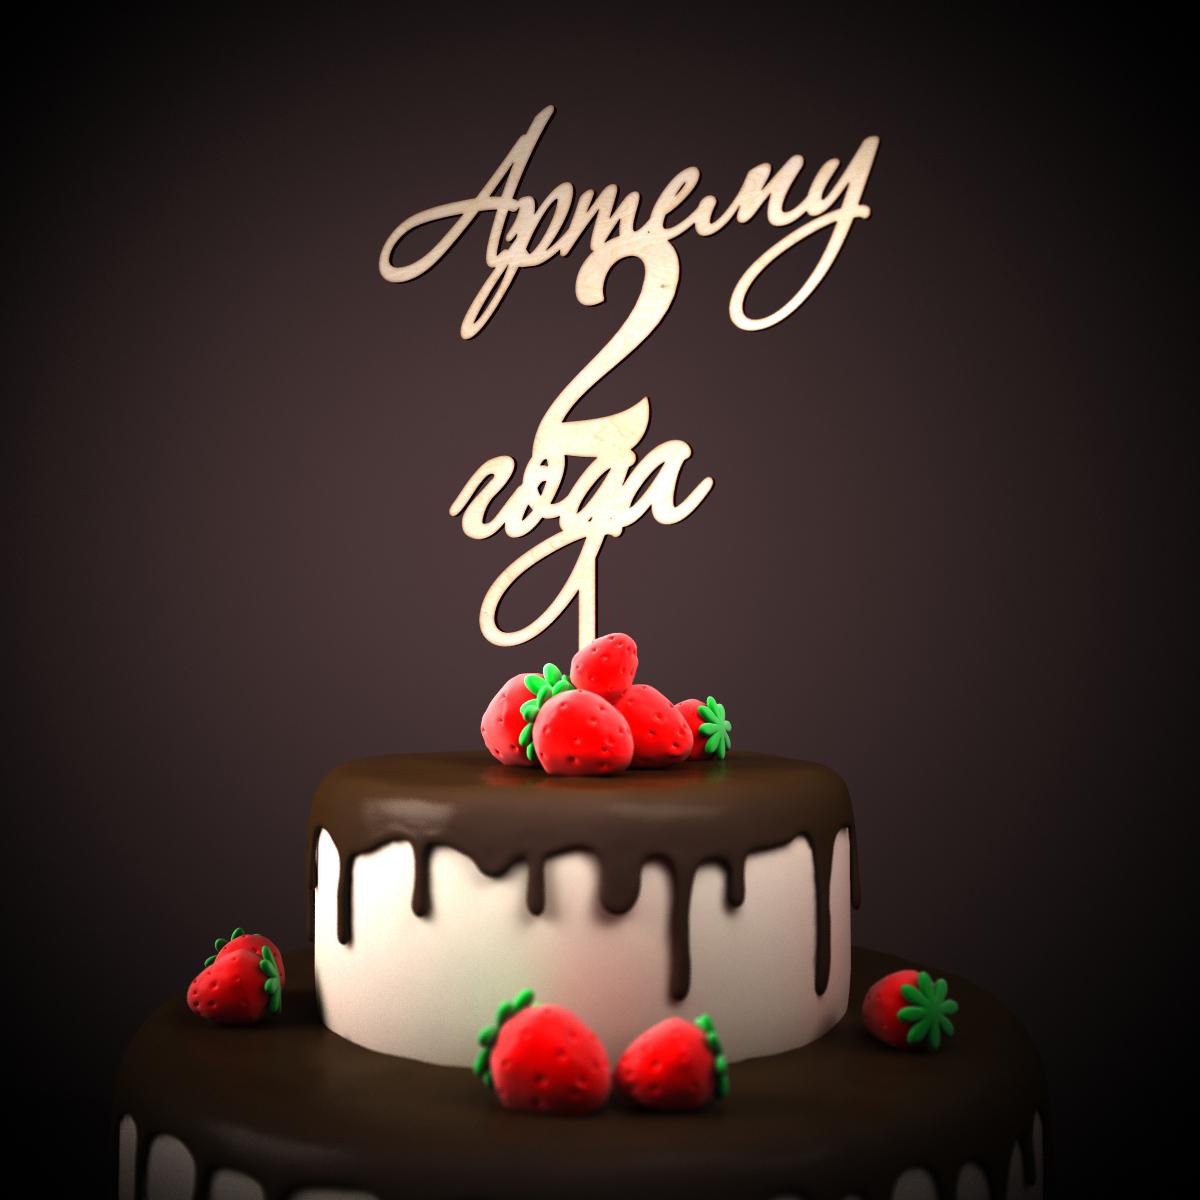 Поздравления с днем рождения двум именинникам